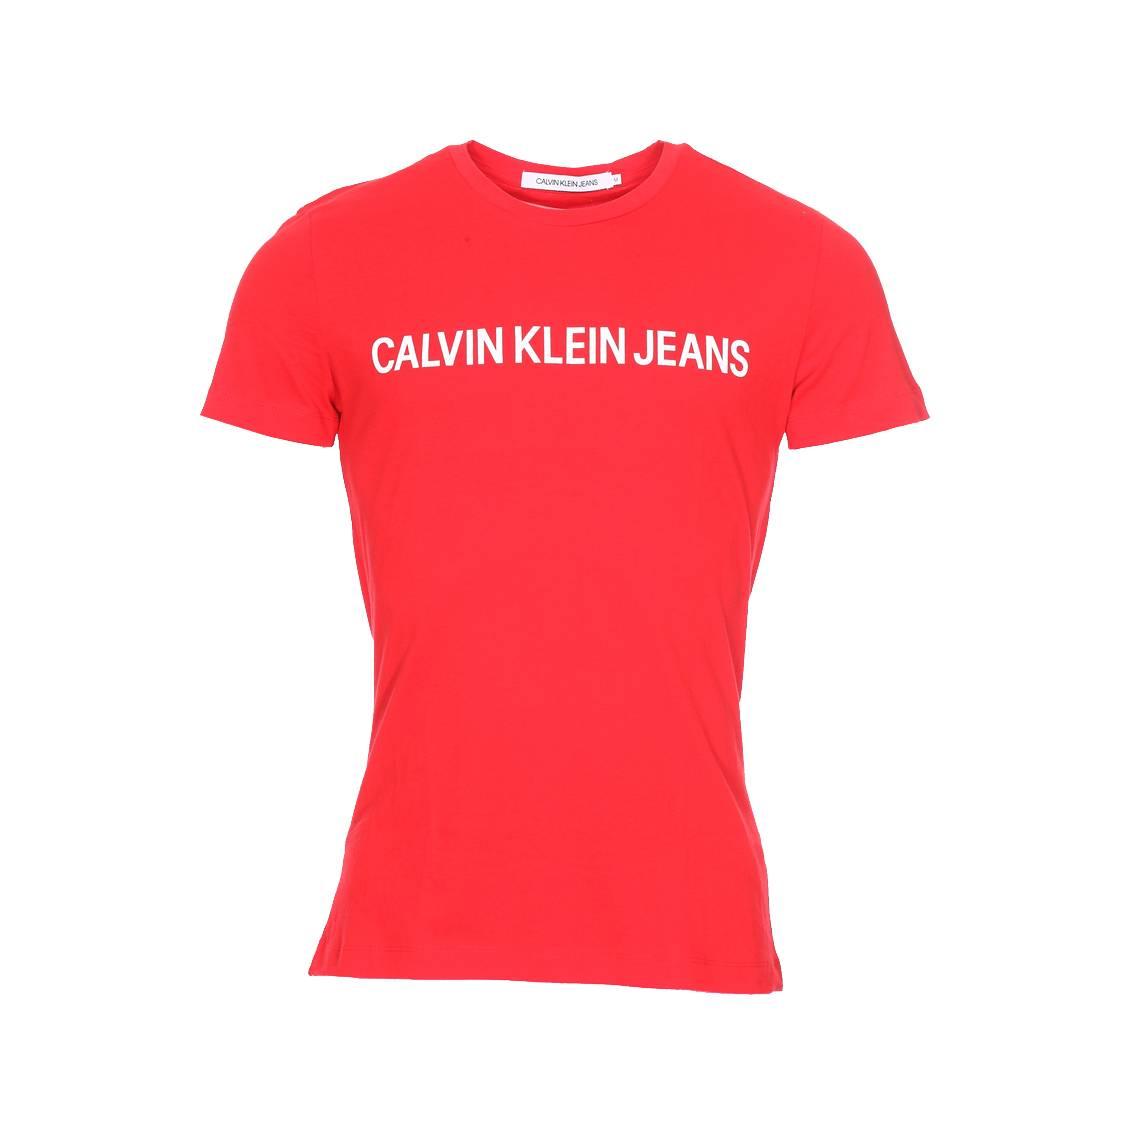 Tee-shirt col rond  institutional slim logo en coton rouge floqué en blanc